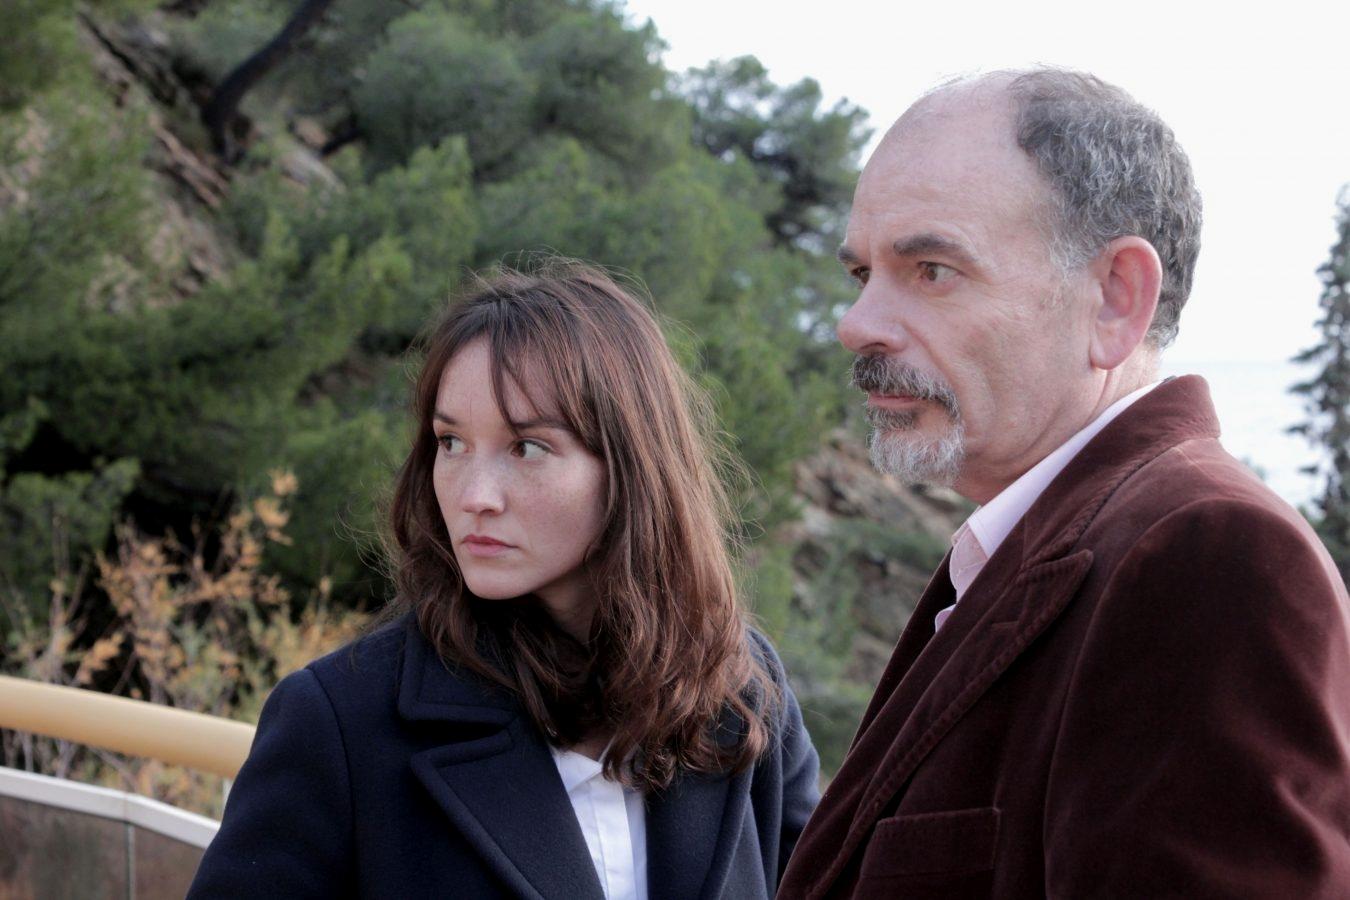 Jean-Pierre Darroussin and Anaïs Demoustier in La villa (2017)